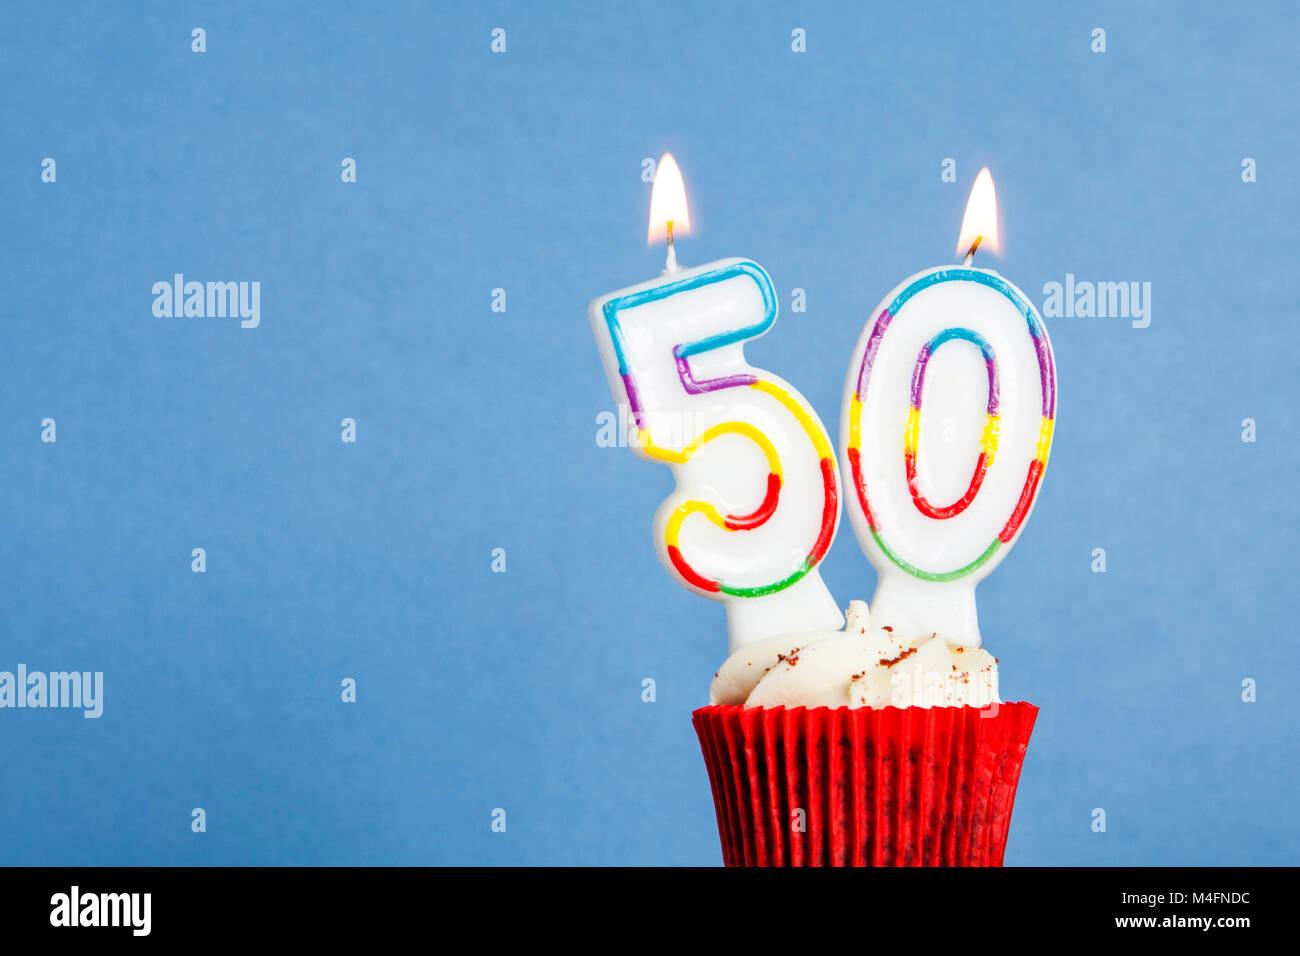 Nummer 50 Geburtstag Kerze In Eine Cupcake Vor Einem Blauen